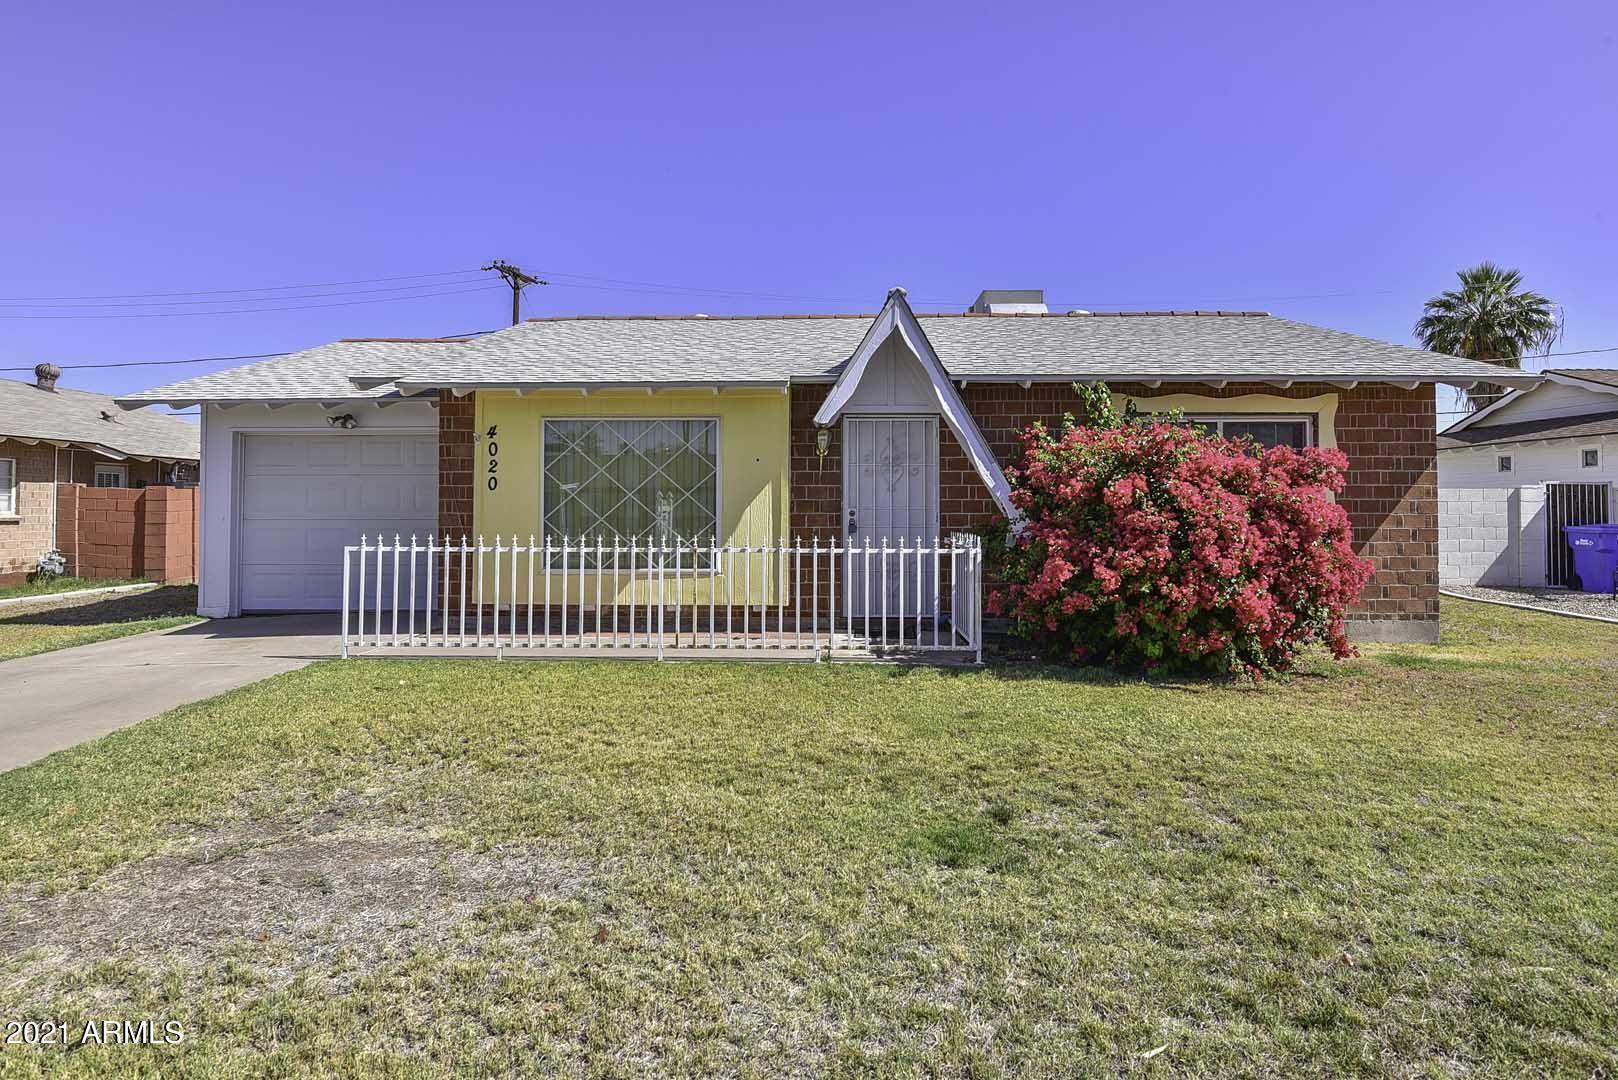 Photo of 4020 W SIERRA VISTA Drive, Phoenix, AZ 85019 (MLS # 6231323)